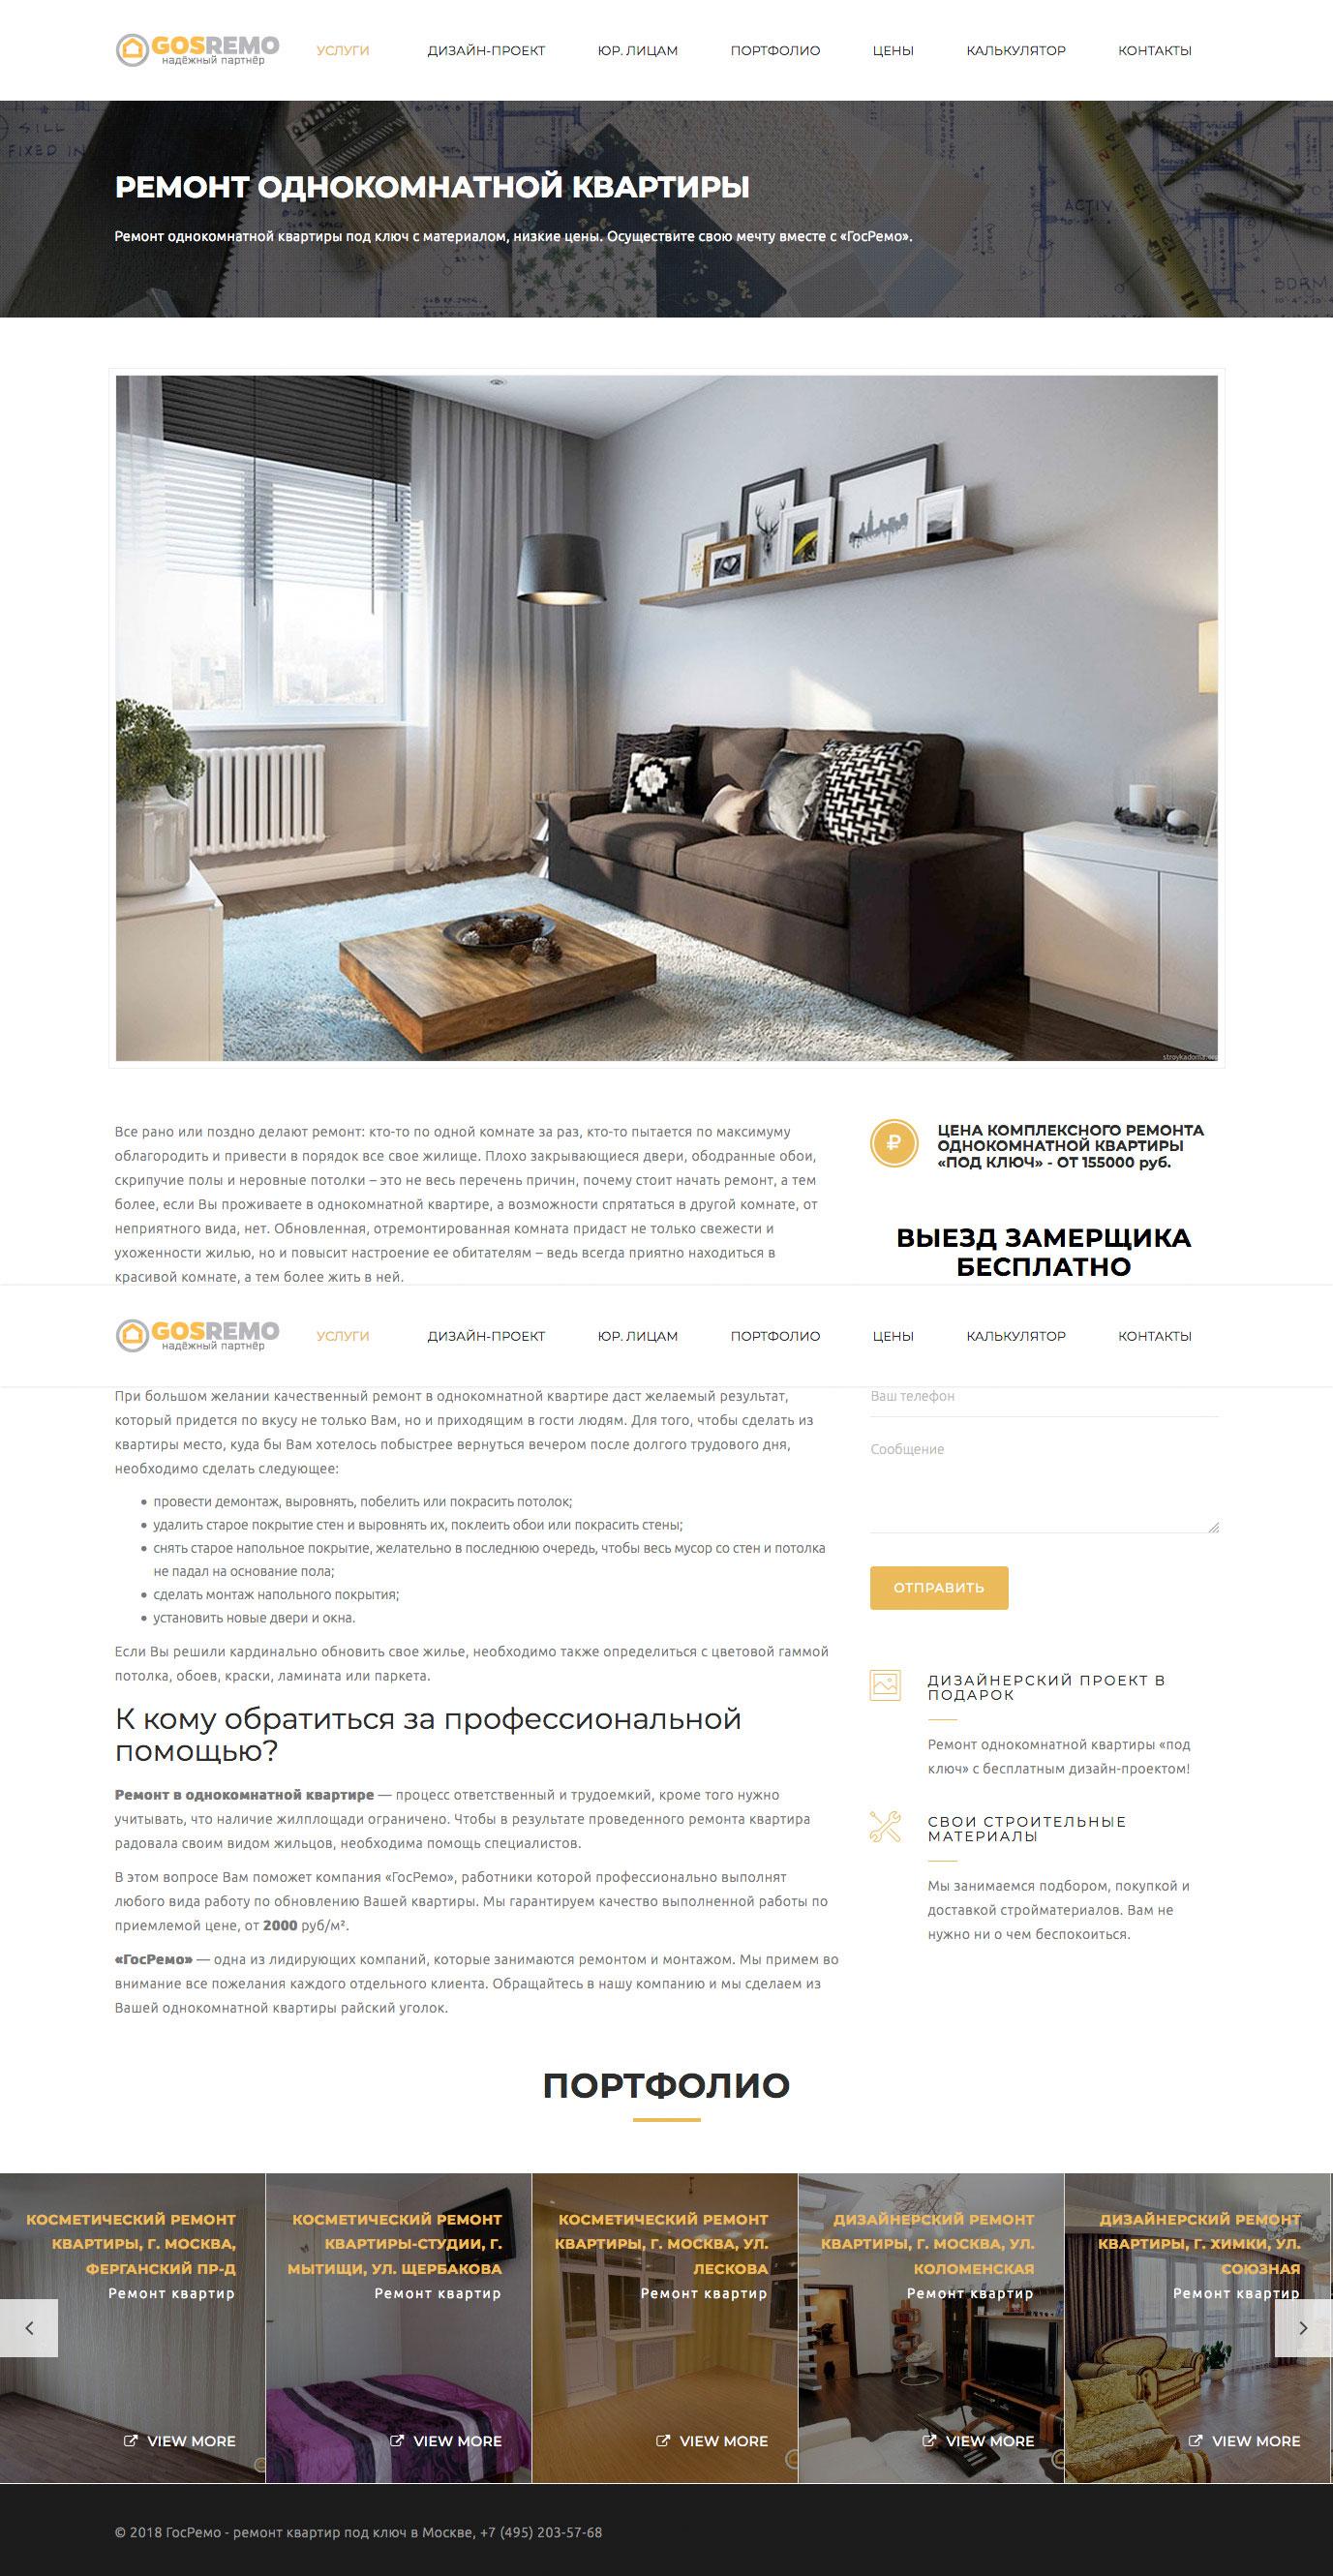 Дизайн и ремонт квартир под ключ в Москве. Проект 93